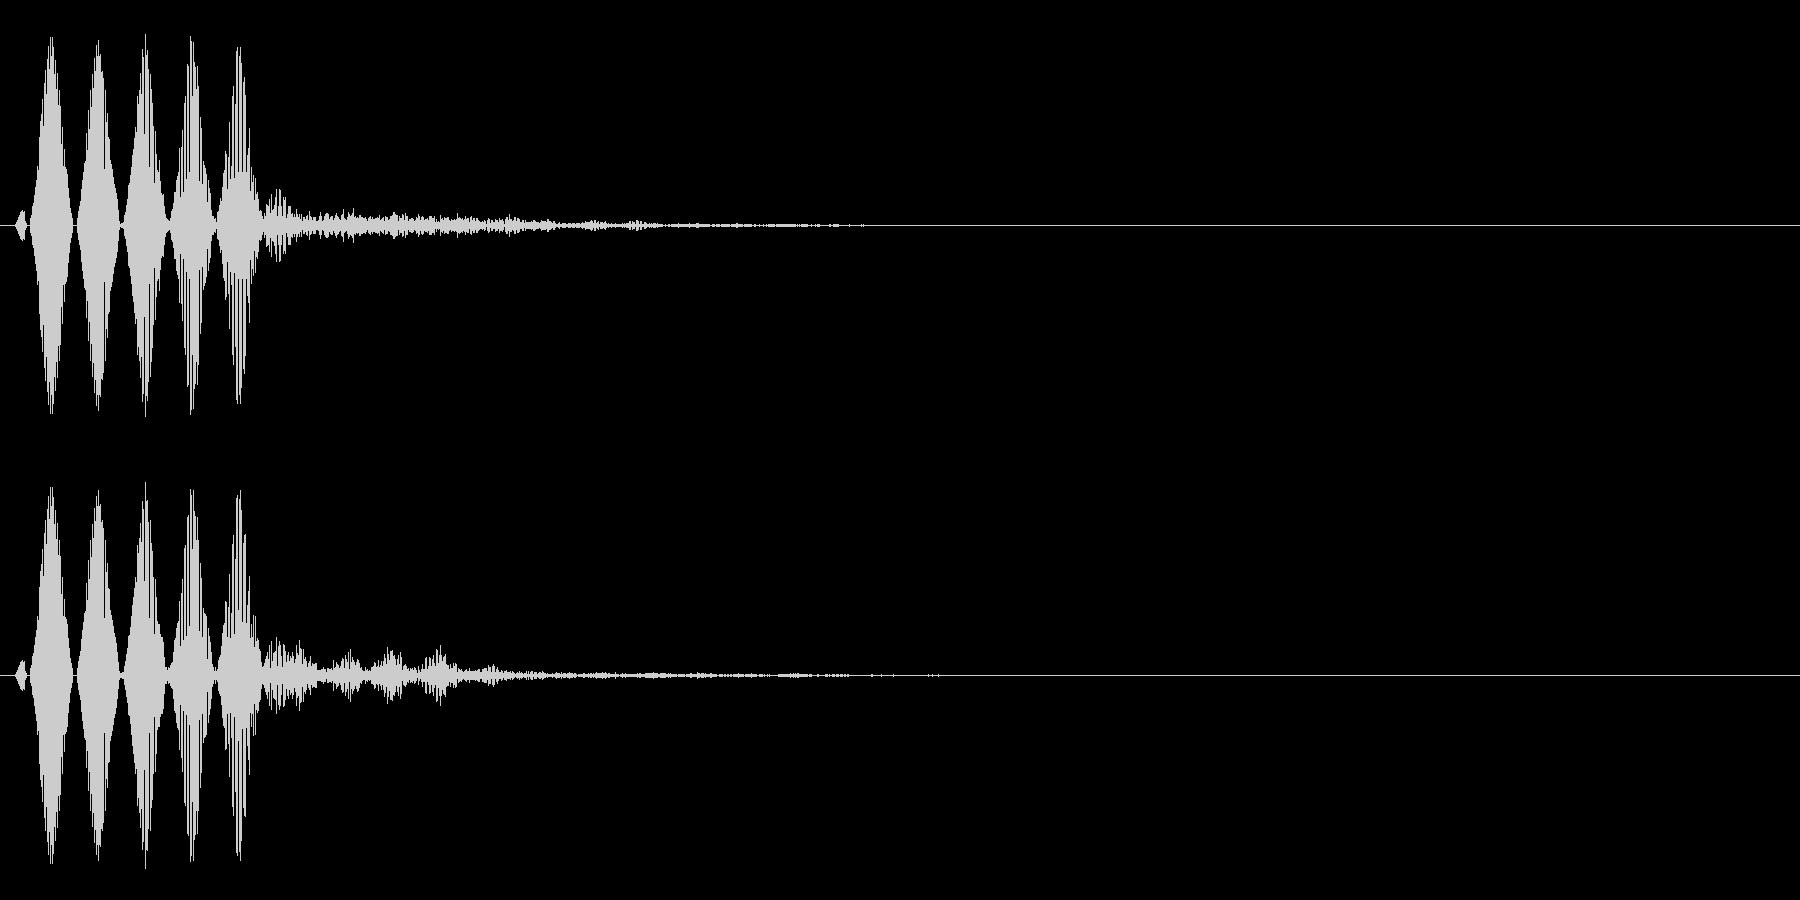 システム停止・閉じる・キャンセル_03の未再生の波形